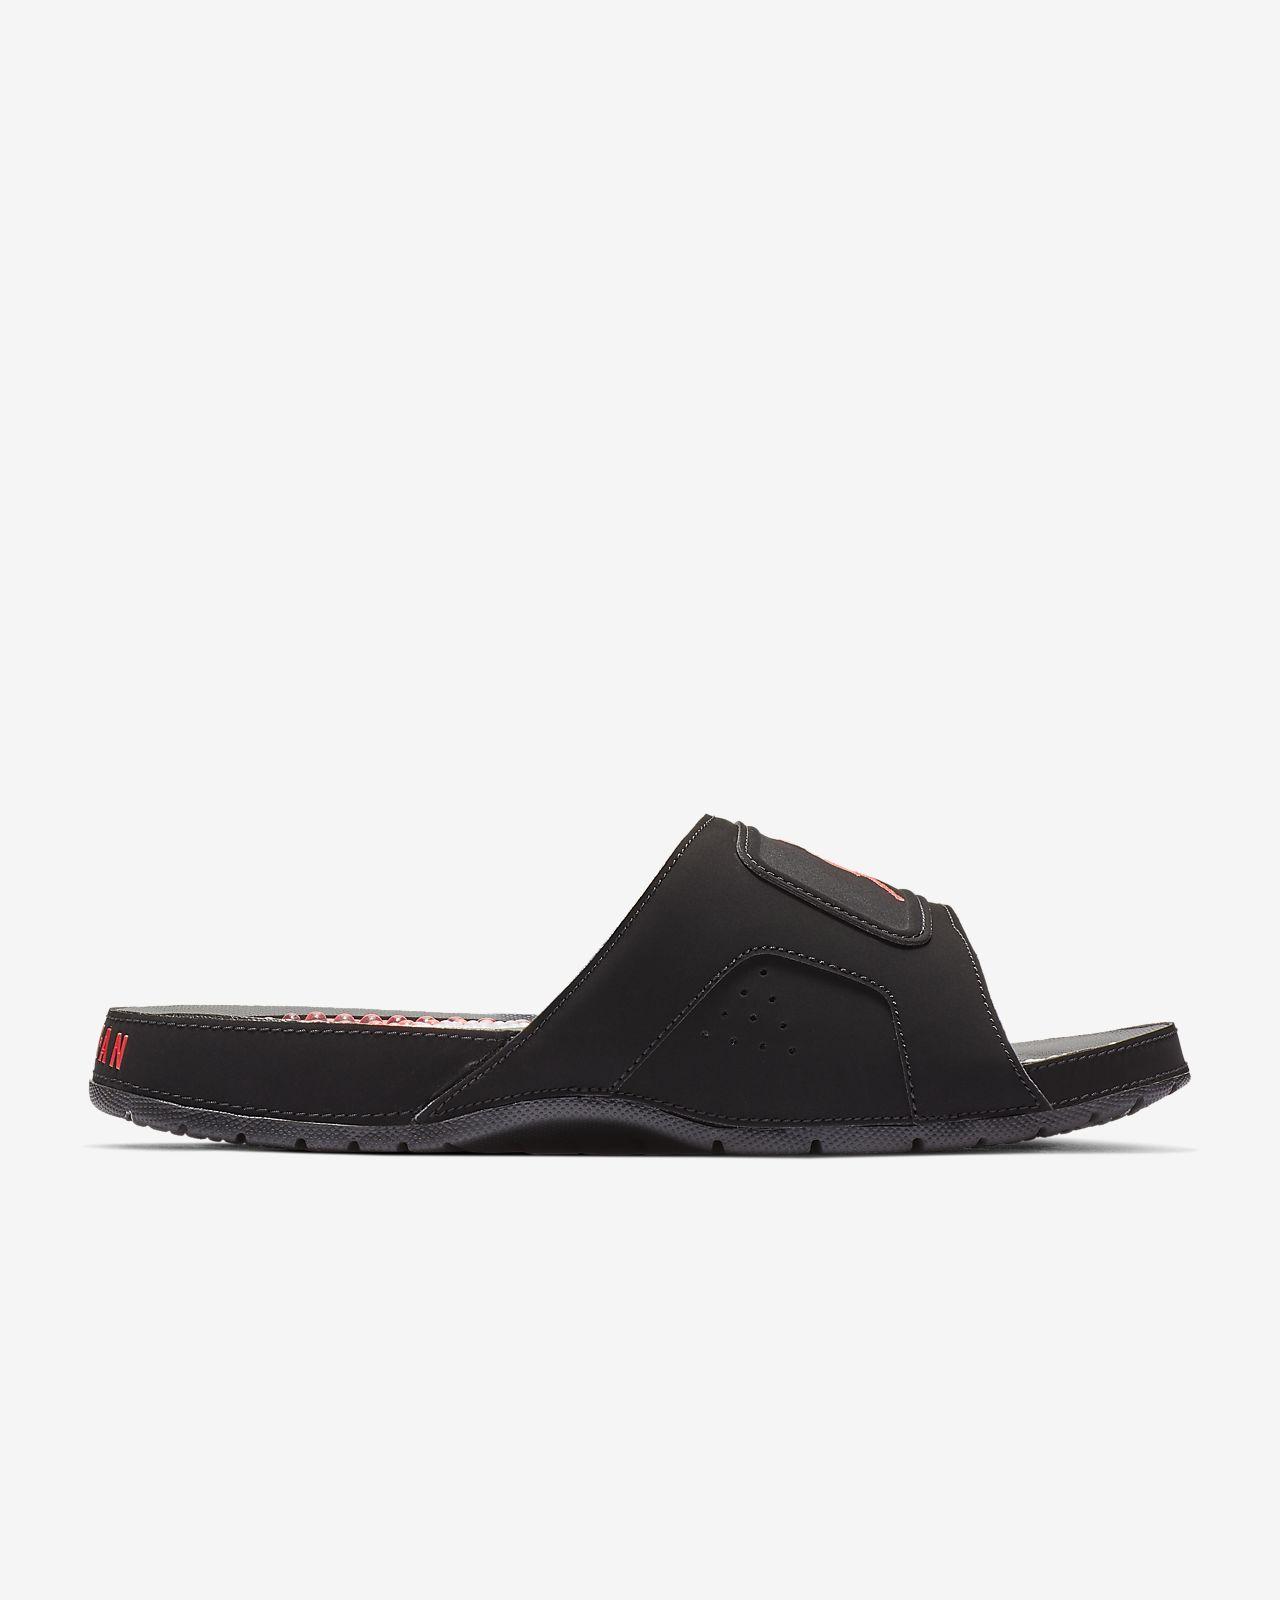 40457f75e54a7 Jordan Hydro VI Retro Men s Slide. Nike.com IN